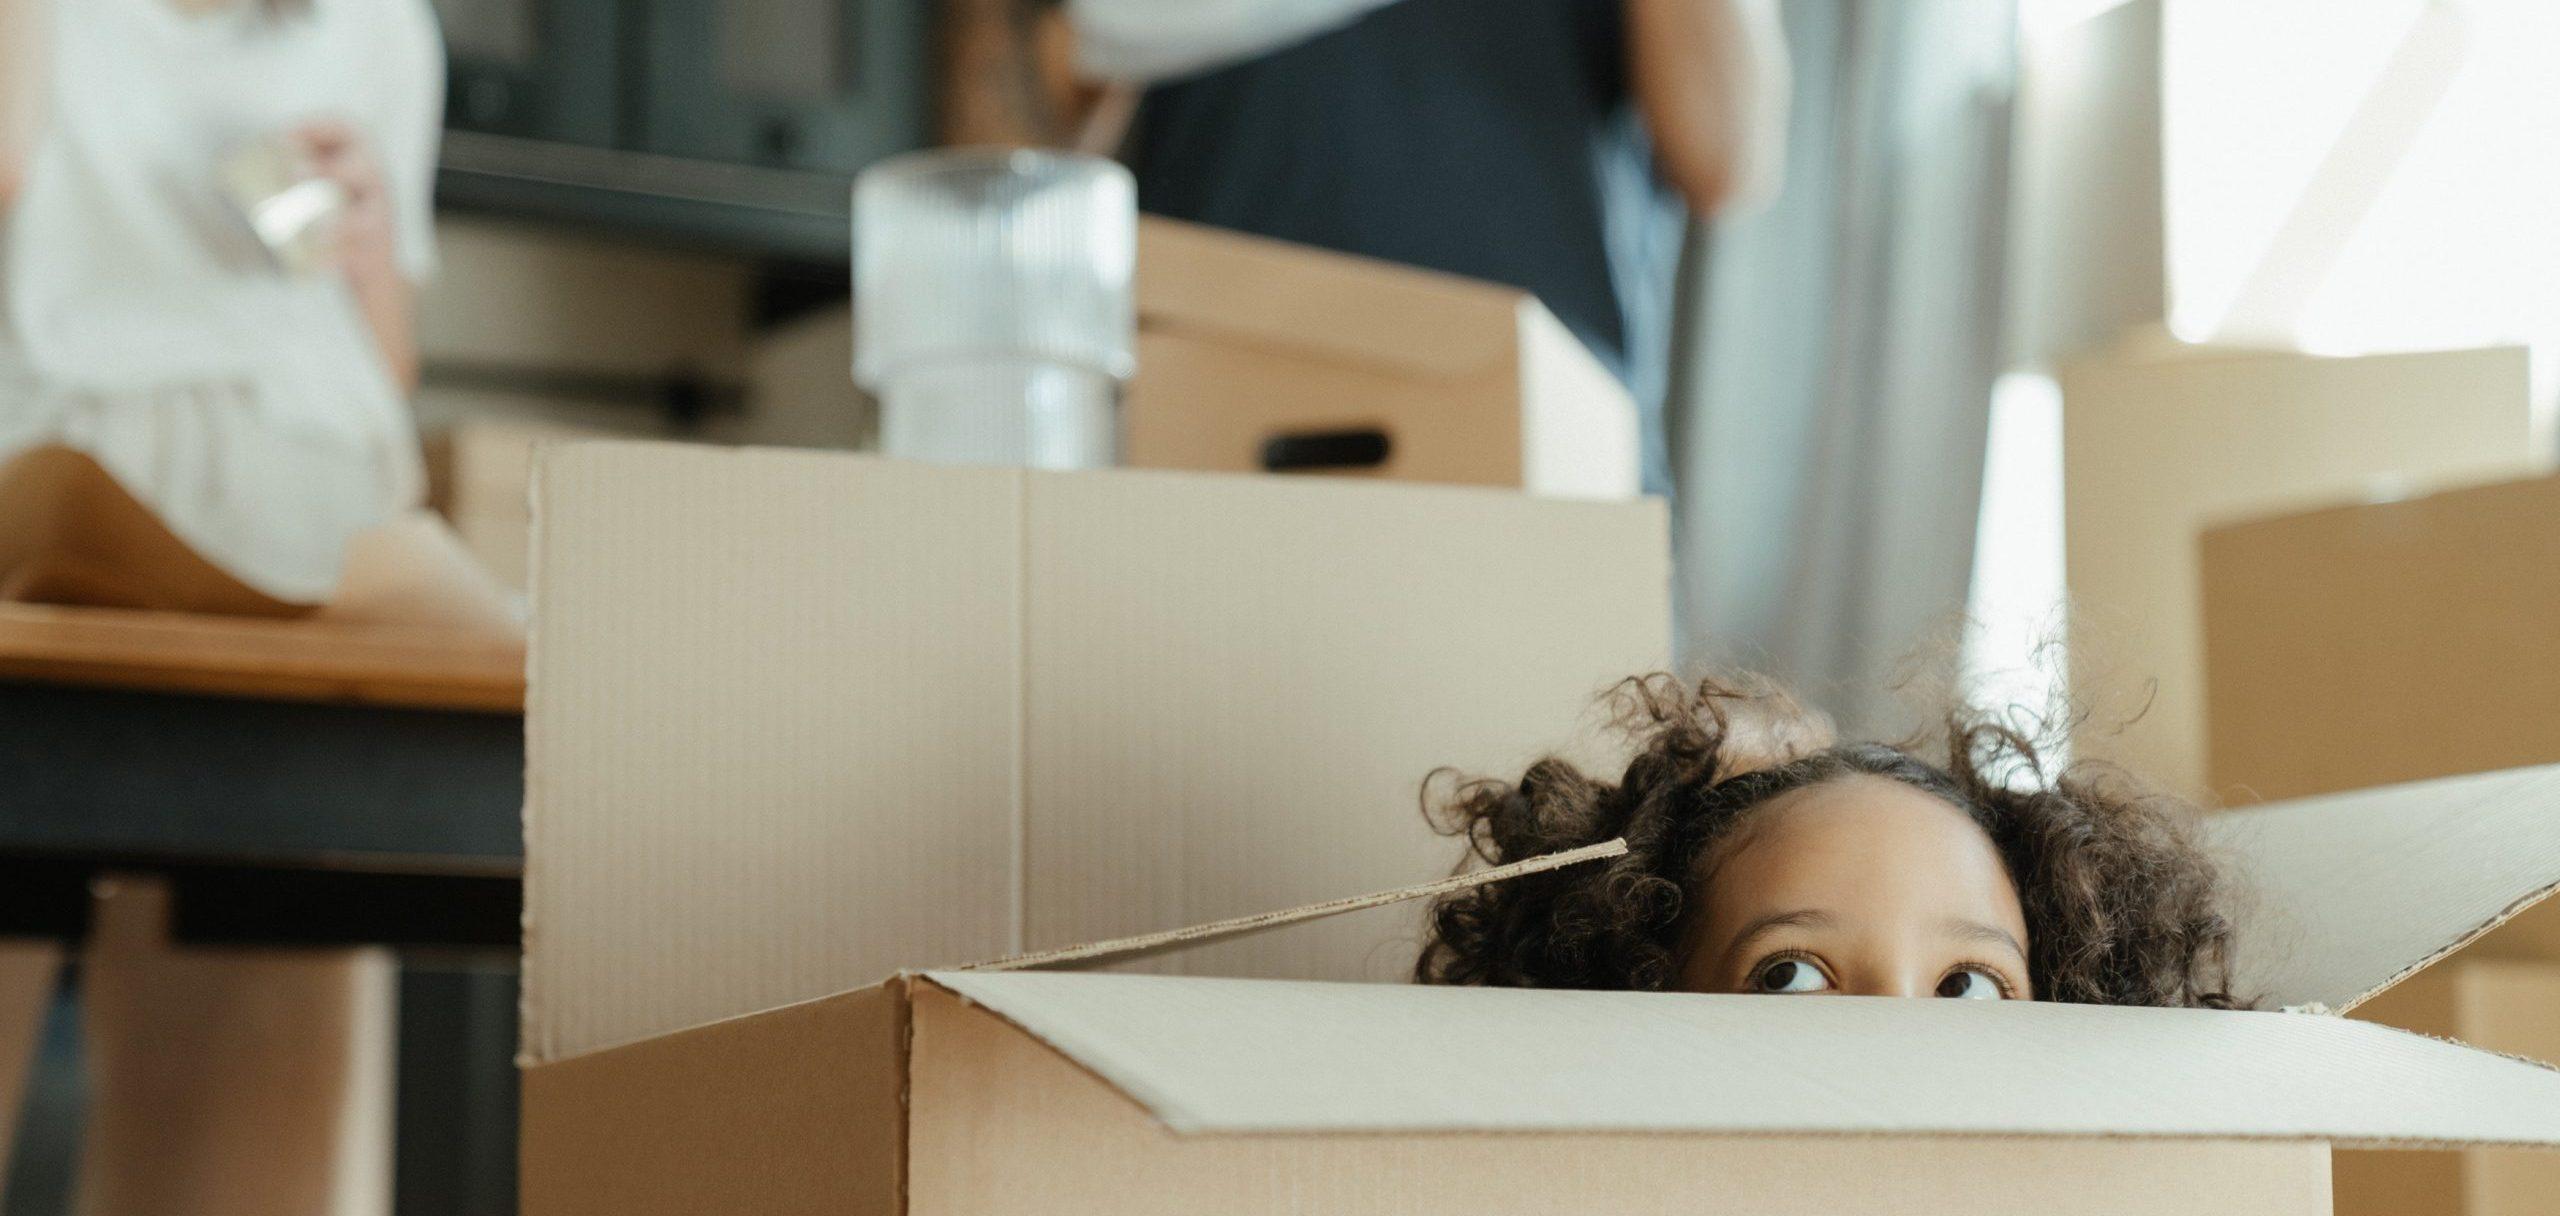 jeune-fille-qui-joue-avec-un-carton-d-emménagement